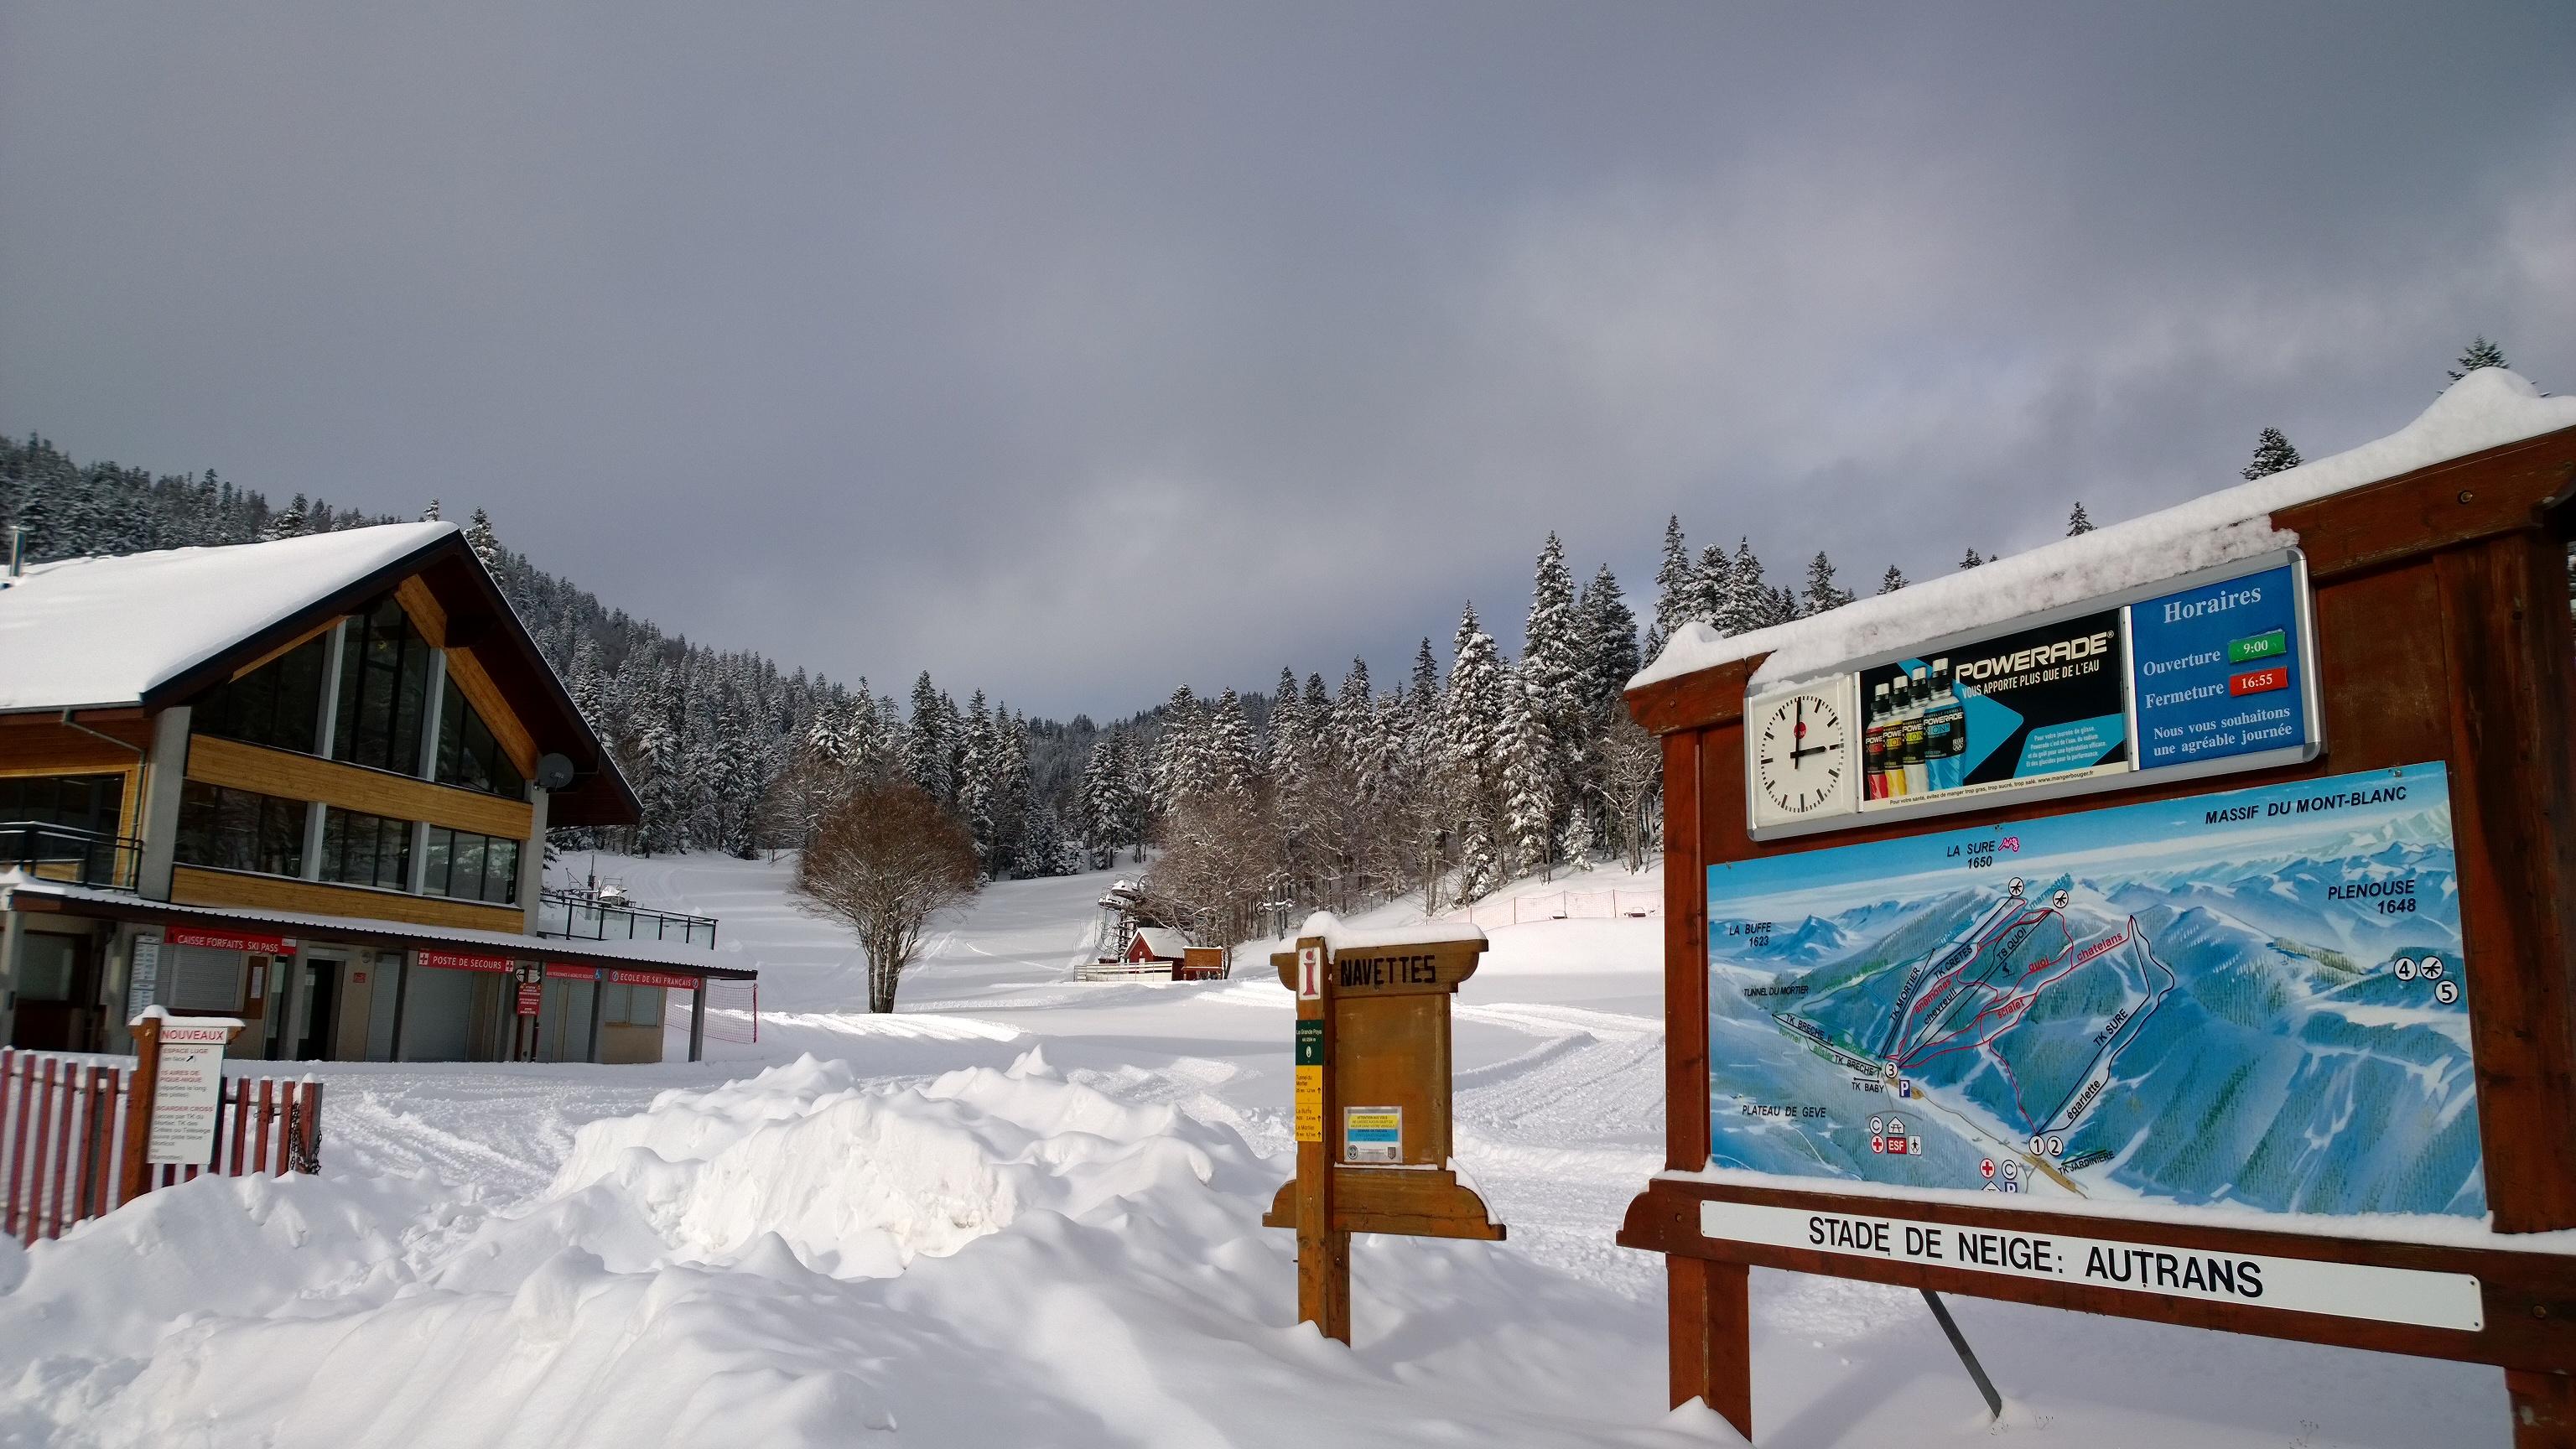 station ski Autrans